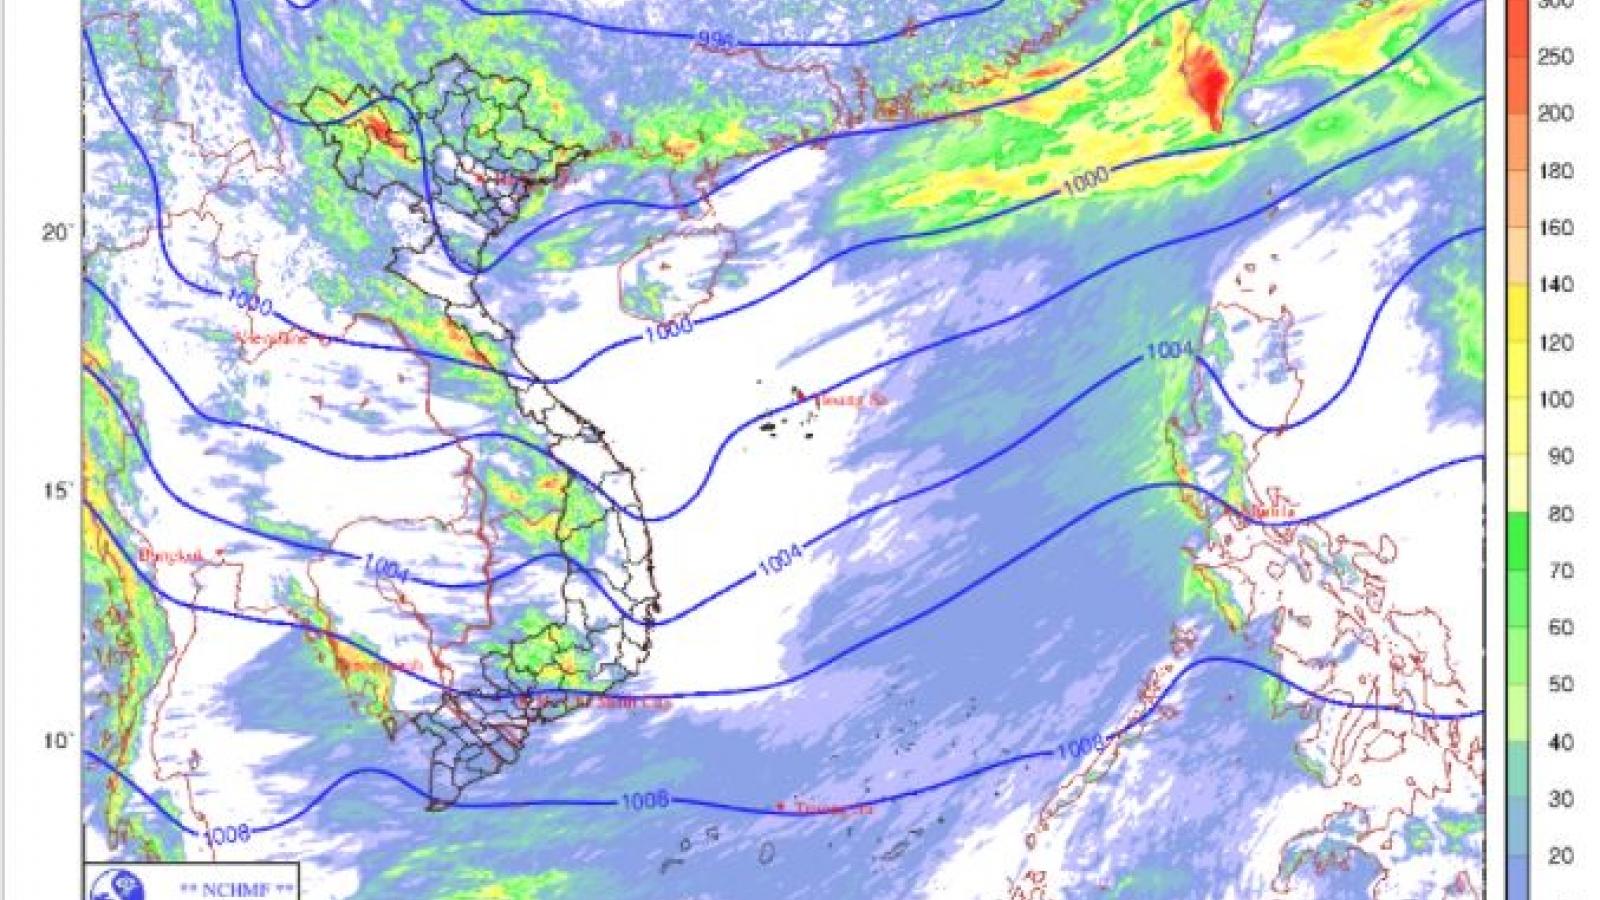 Thời tiết ngày 31/7: Từ chiều tối và đêm nay, Bắc Bộ và Thanh Hóa có mưa to đến rất to